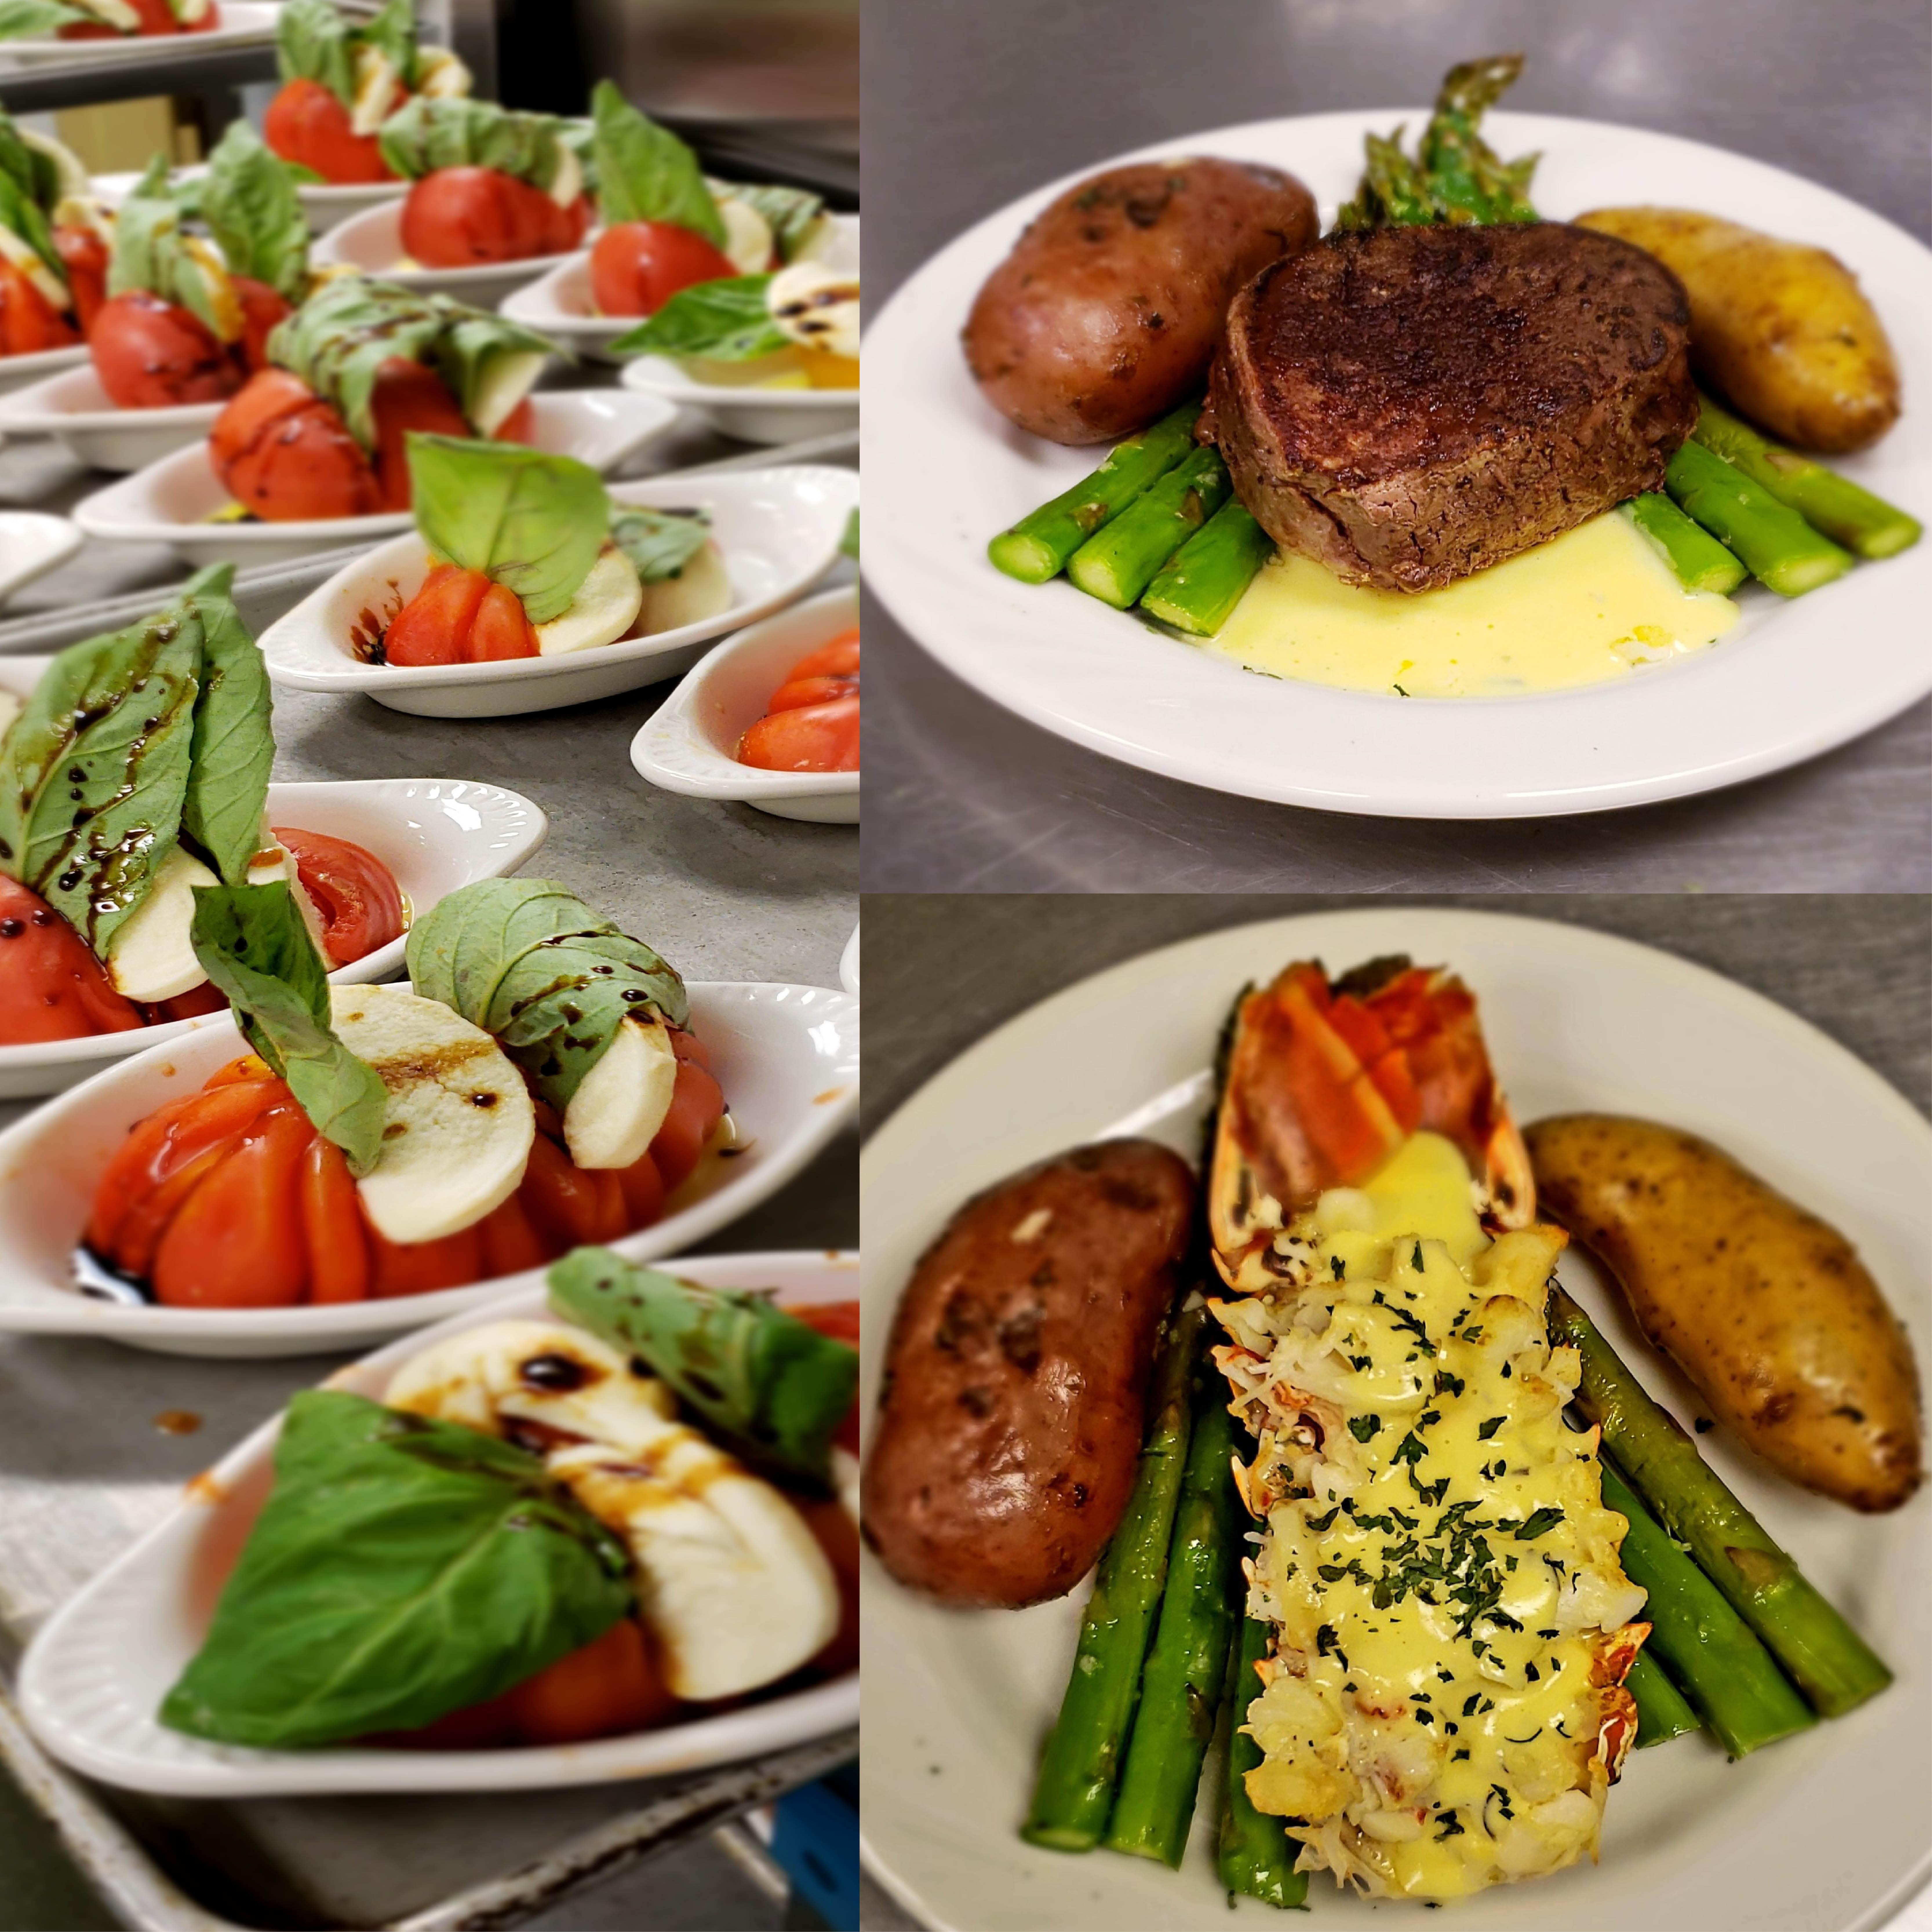 Fine dining at Elegance at Novato in Novato, California